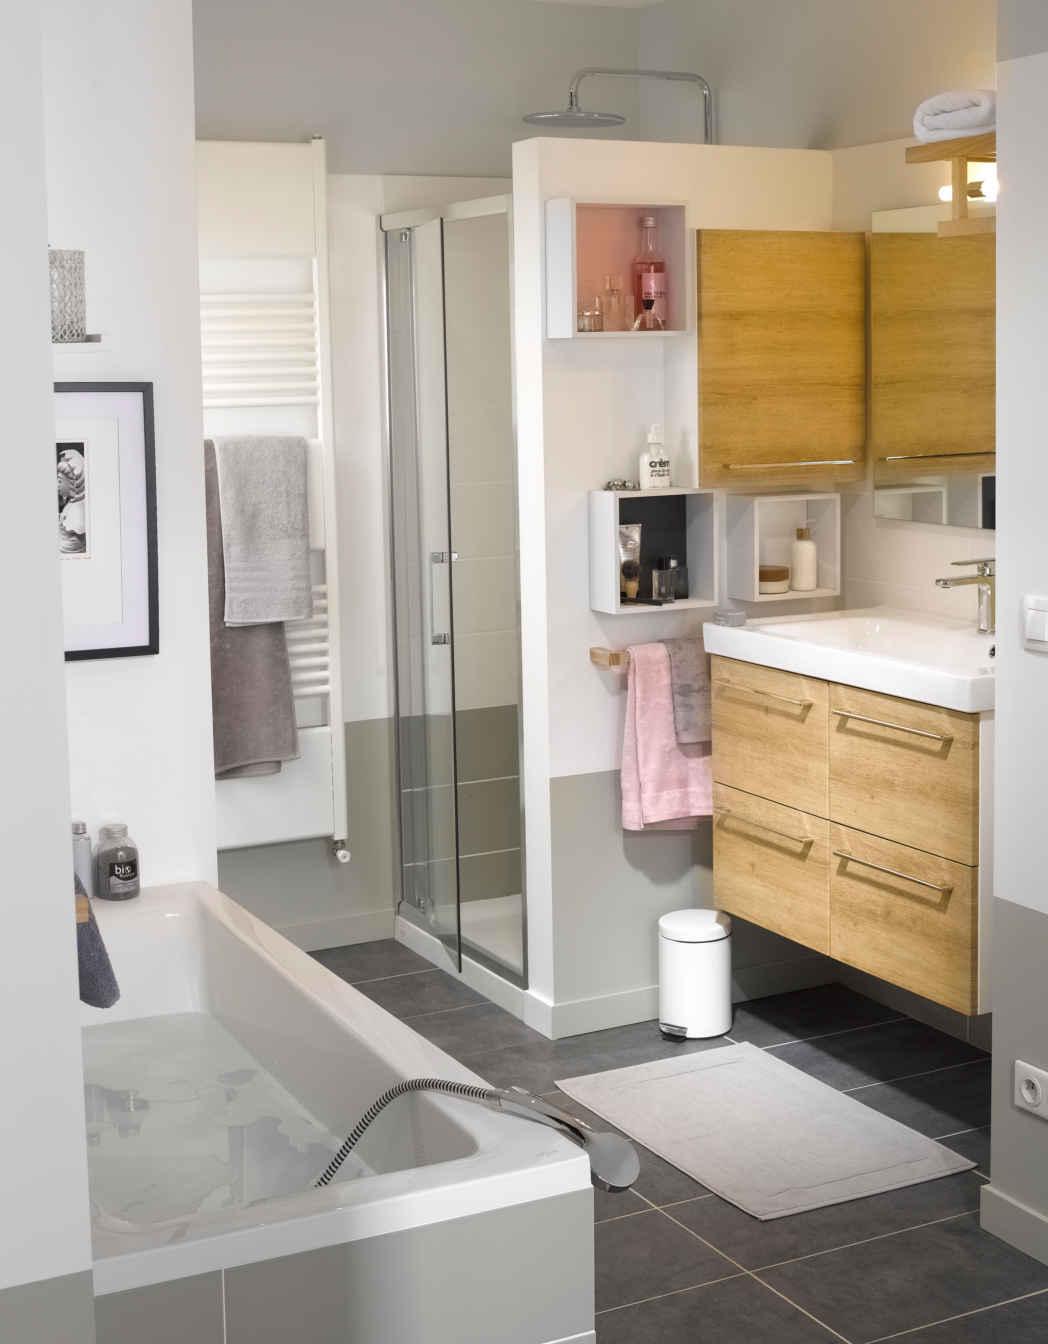 combien ca coute de refaire une salle de bain refaire une salle de bain le cout bricolage vie. Black Bedroom Furniture Sets. Home Design Ideas